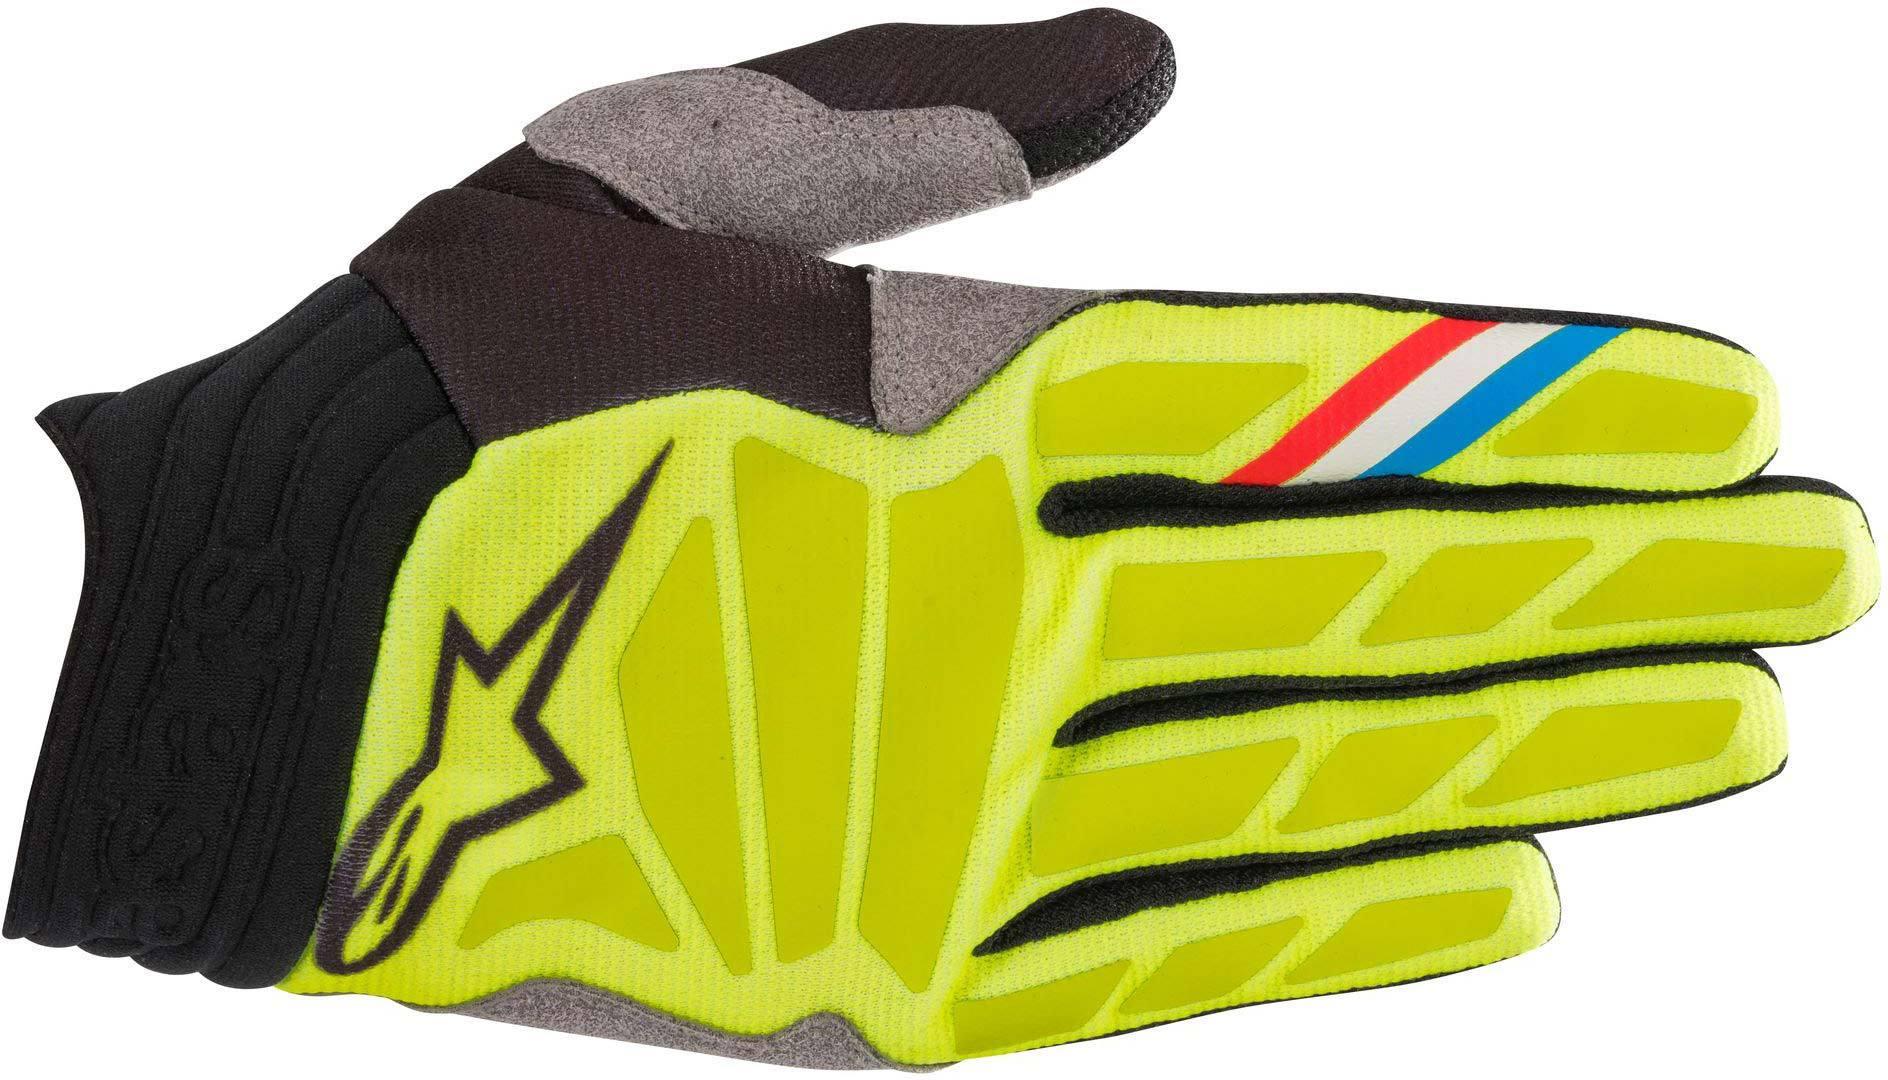 Alpinestars Aviator Motocross Gloves Yellow 2XL